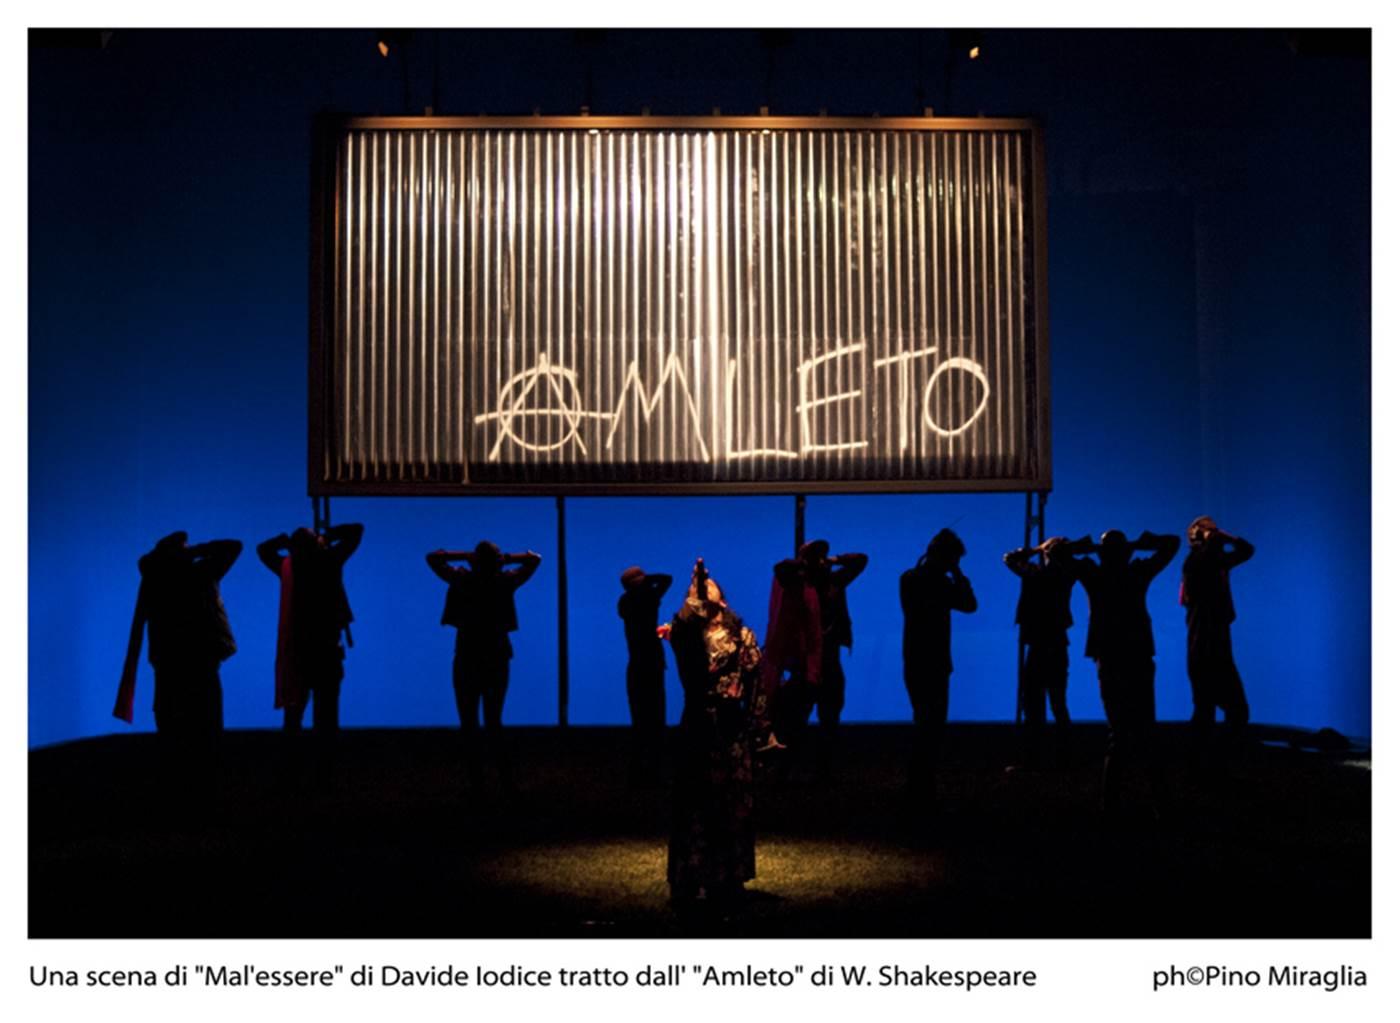 «Proviamo a dire qualcosa su Napoli, da Napoli, scartando l'imperante e cinica oleografia criminale, l'estetica del male che stiamo assecondando», dice il regista Davide Iodice. E continua: «In questo tempo [...]